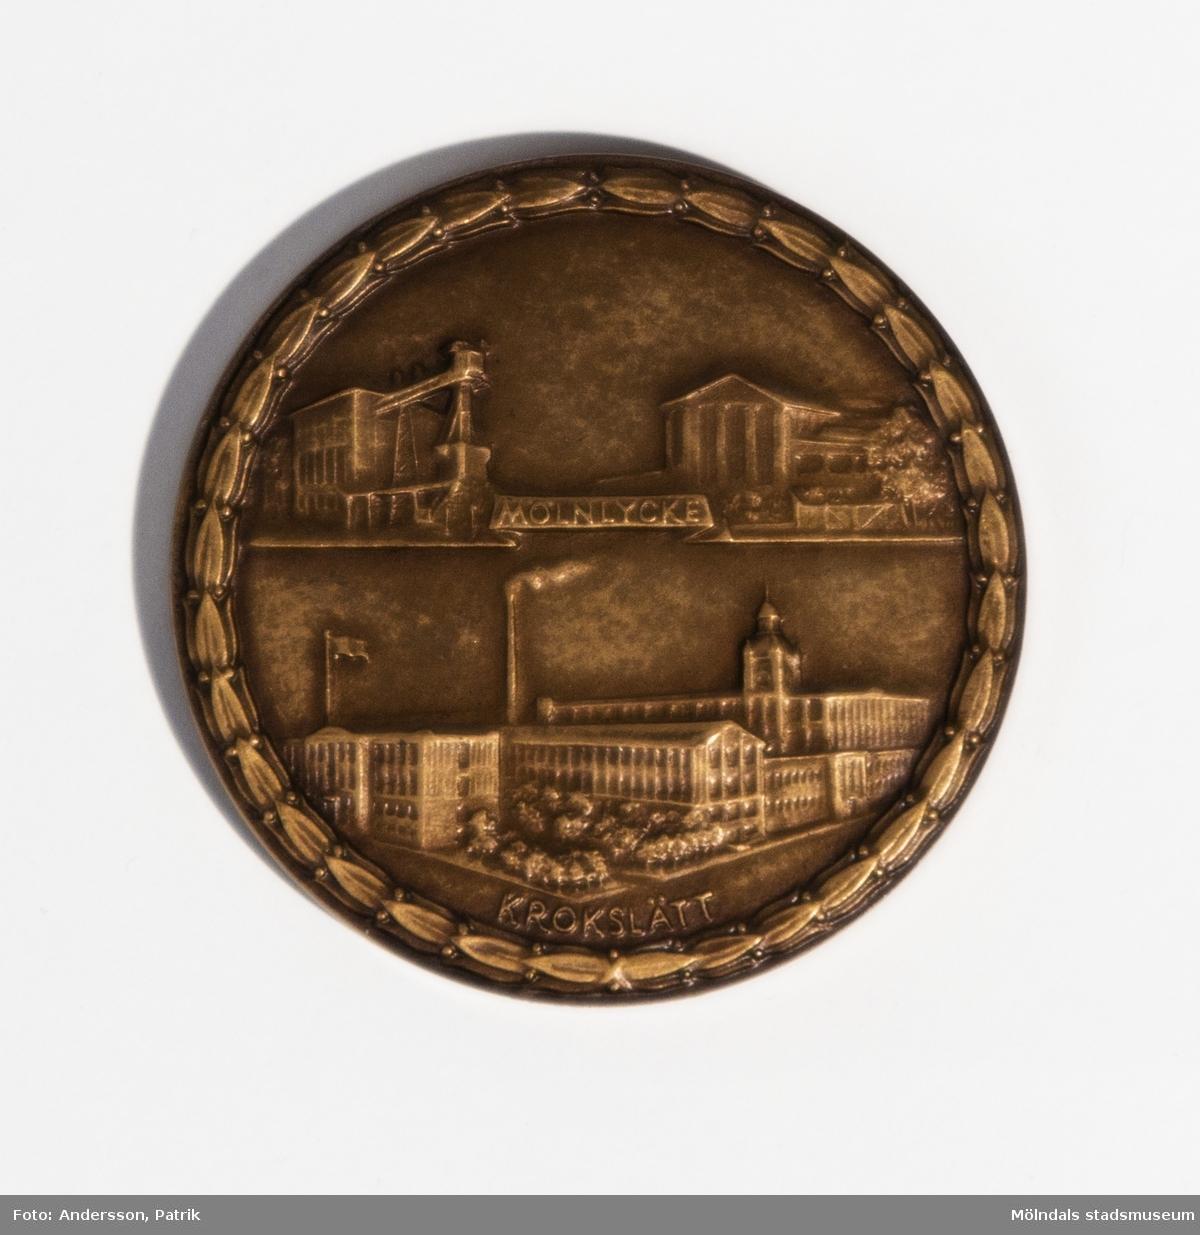 """Minnesmynt i brons från Mölnlycke väfveri AB, utgivet 1849-1949.  Minnesmyntet ligger i en grön orginalförpackning. Förpackningen är av papp. På undersidan finns texten: """"C.C. SPORRONG & CO. KUNGSGATAN 17. STOCKHOLM"""".  På myntets ena sida finns en örn med texten """"1849-1949 MÖLNLYCKE VÄFVERI AKTIEBOLAG"""" gjutet i myntet.  På andra sidan finns Mölnlycke väfveri och Krokslätts fabriker gjutna."""